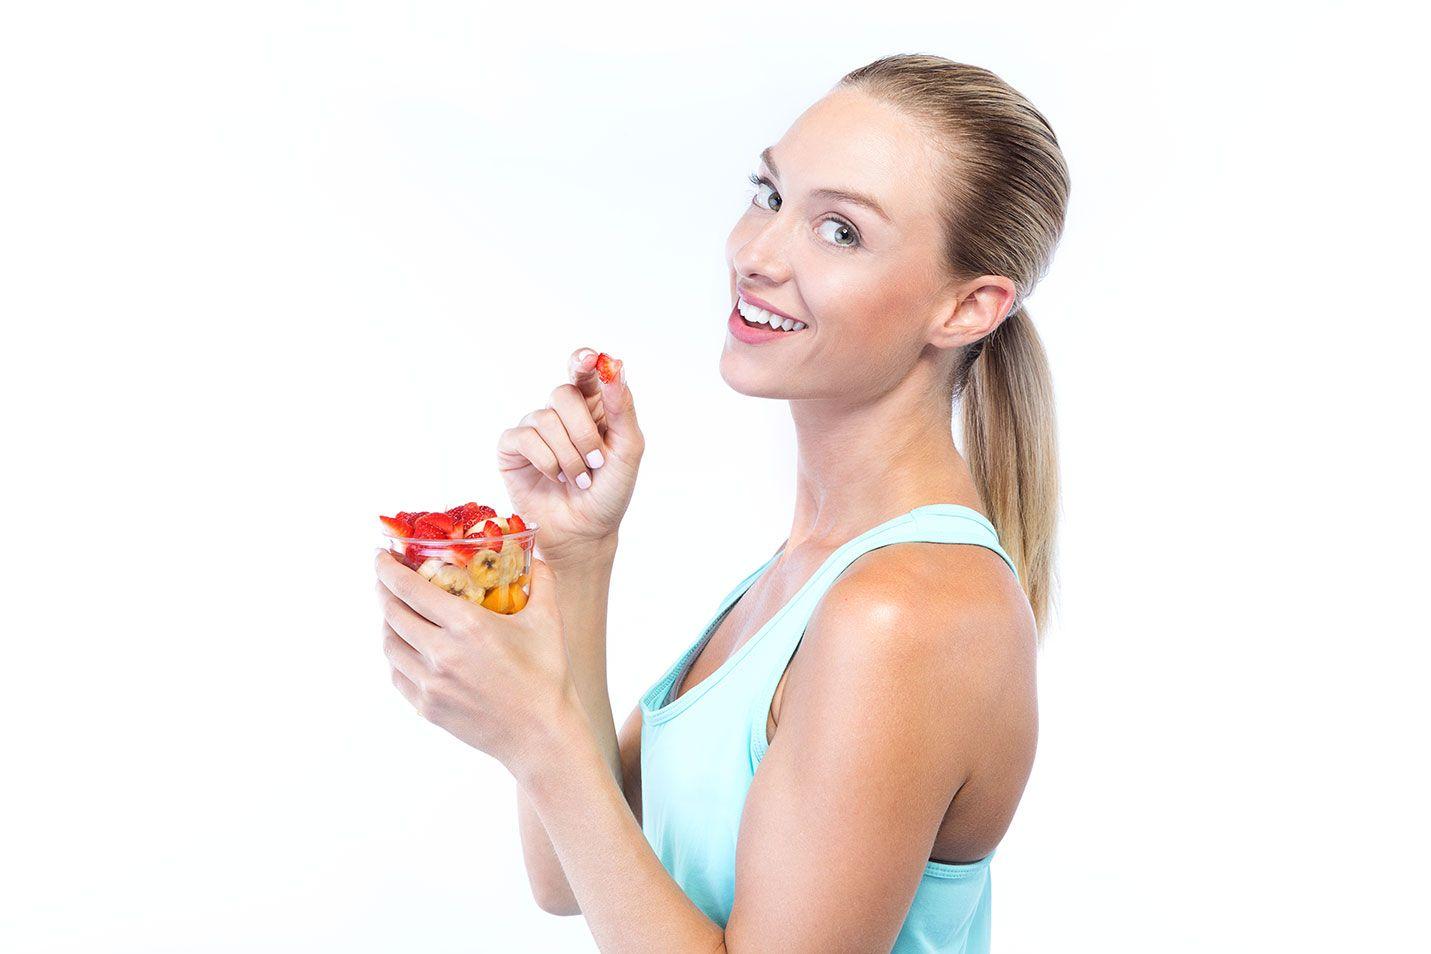 Похудеть Без Вреда Для Здоровья. Как похудеть без вреда для здоровья: правила, диета, упражнения, как заменить привычные вредные продукты на полезные